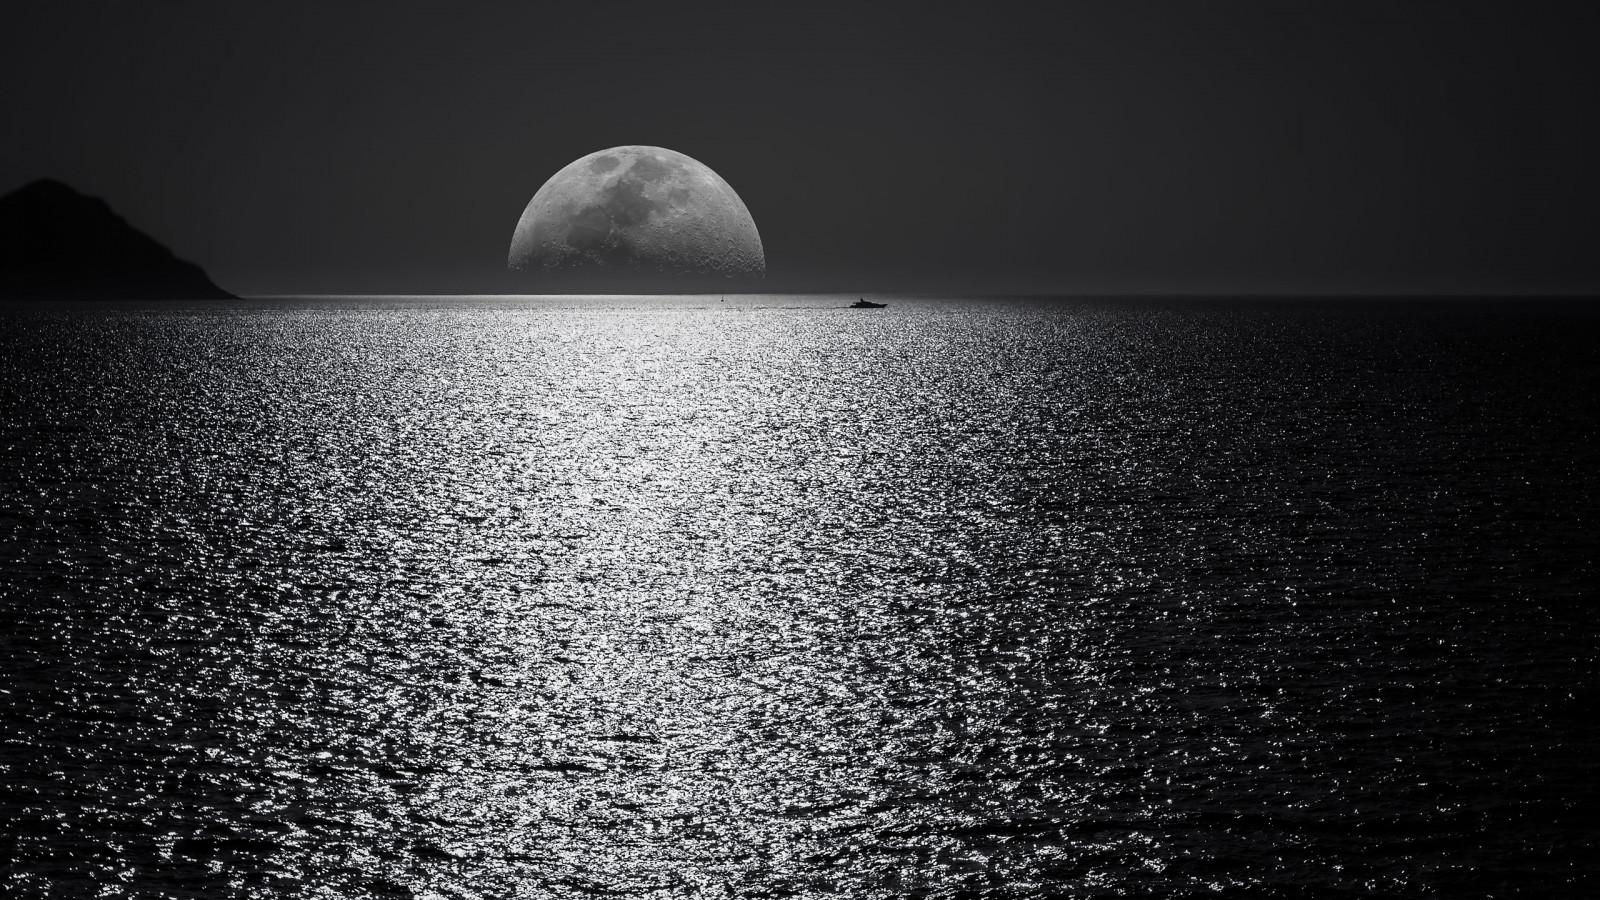 τοπίο, θάλασσα, Φεγγάρι, Νύχτα, χαμηλος ΦΩΤΙΣΜΟΣ, σκάφος, σκάφος αναψυχής, ορίζοντας